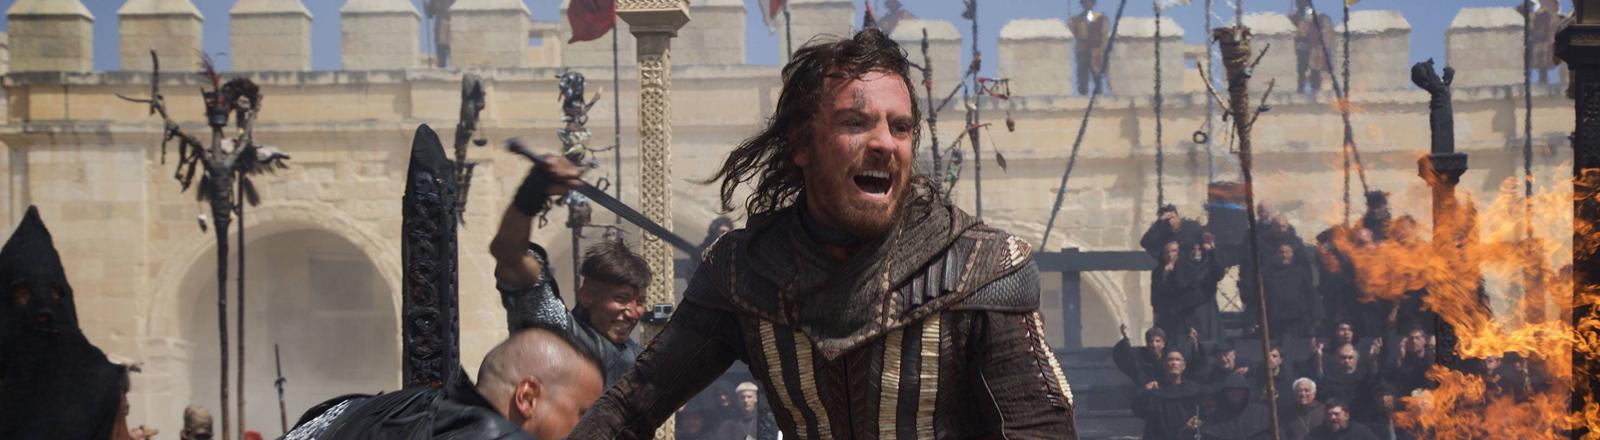 """Michael Fassbender in einer Szene aus """"Assasin's Creed"""""""